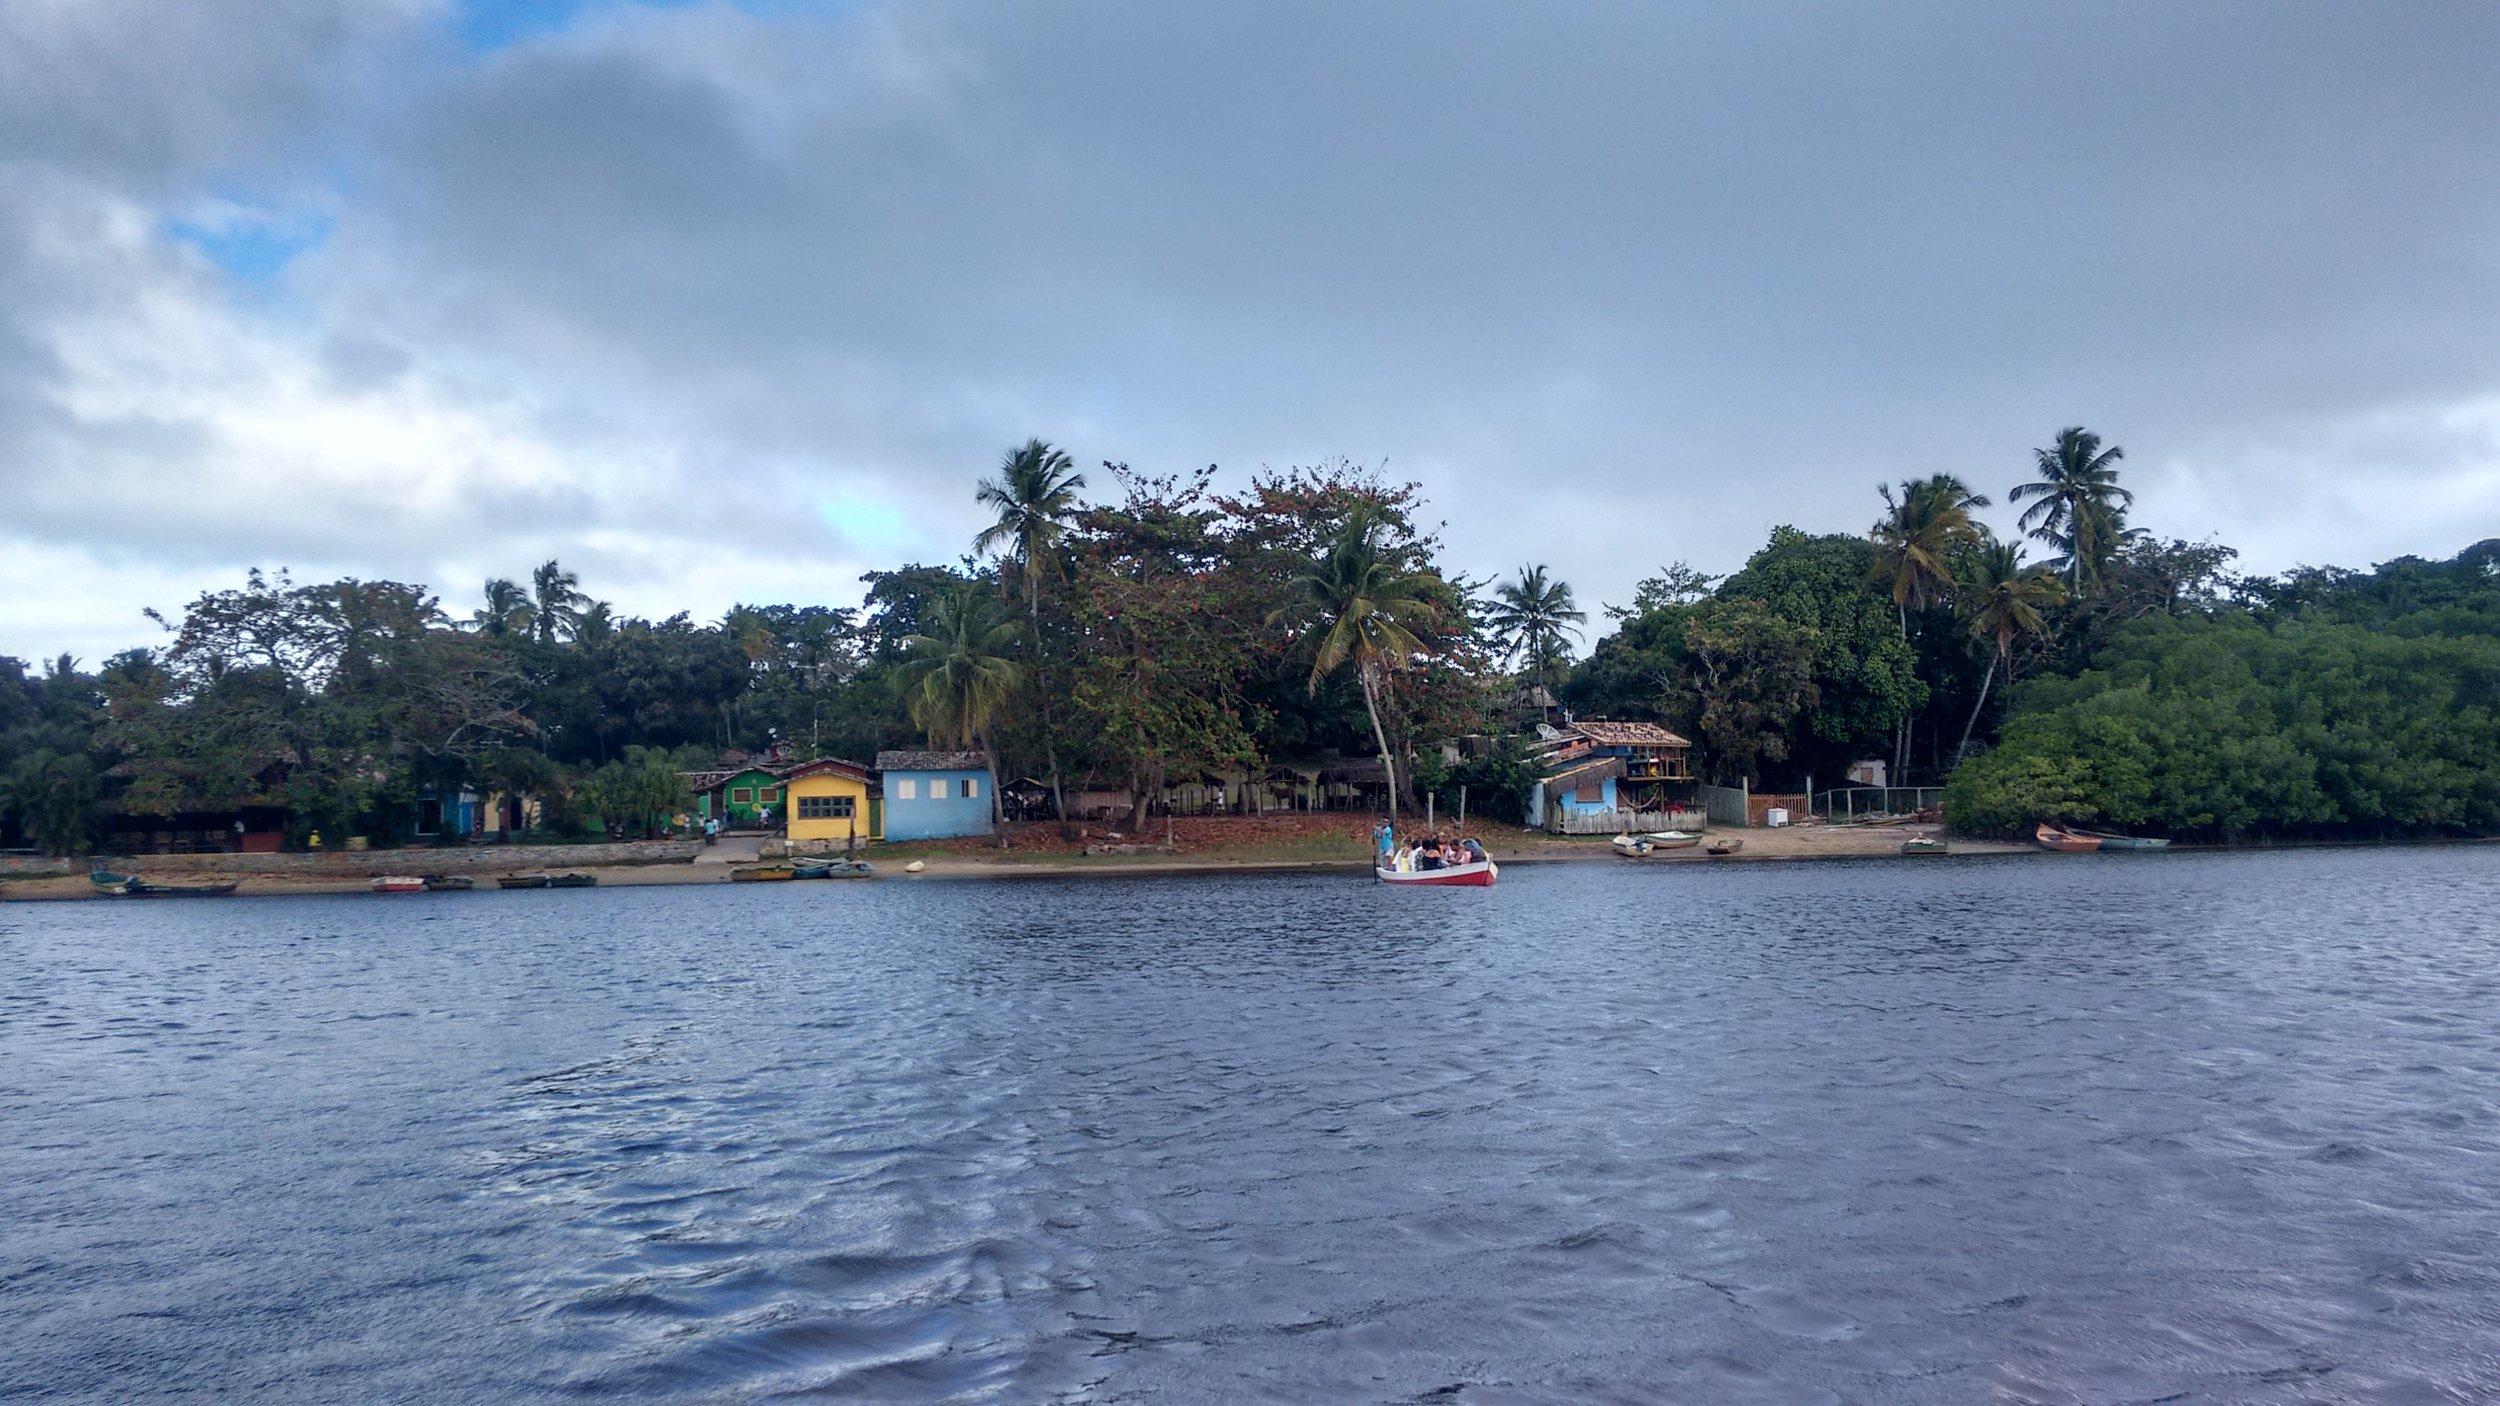 O filme mostra a visita à Caraíva, comunidade litorânea em Porto Seguro, na costa brasileira, na Bahia